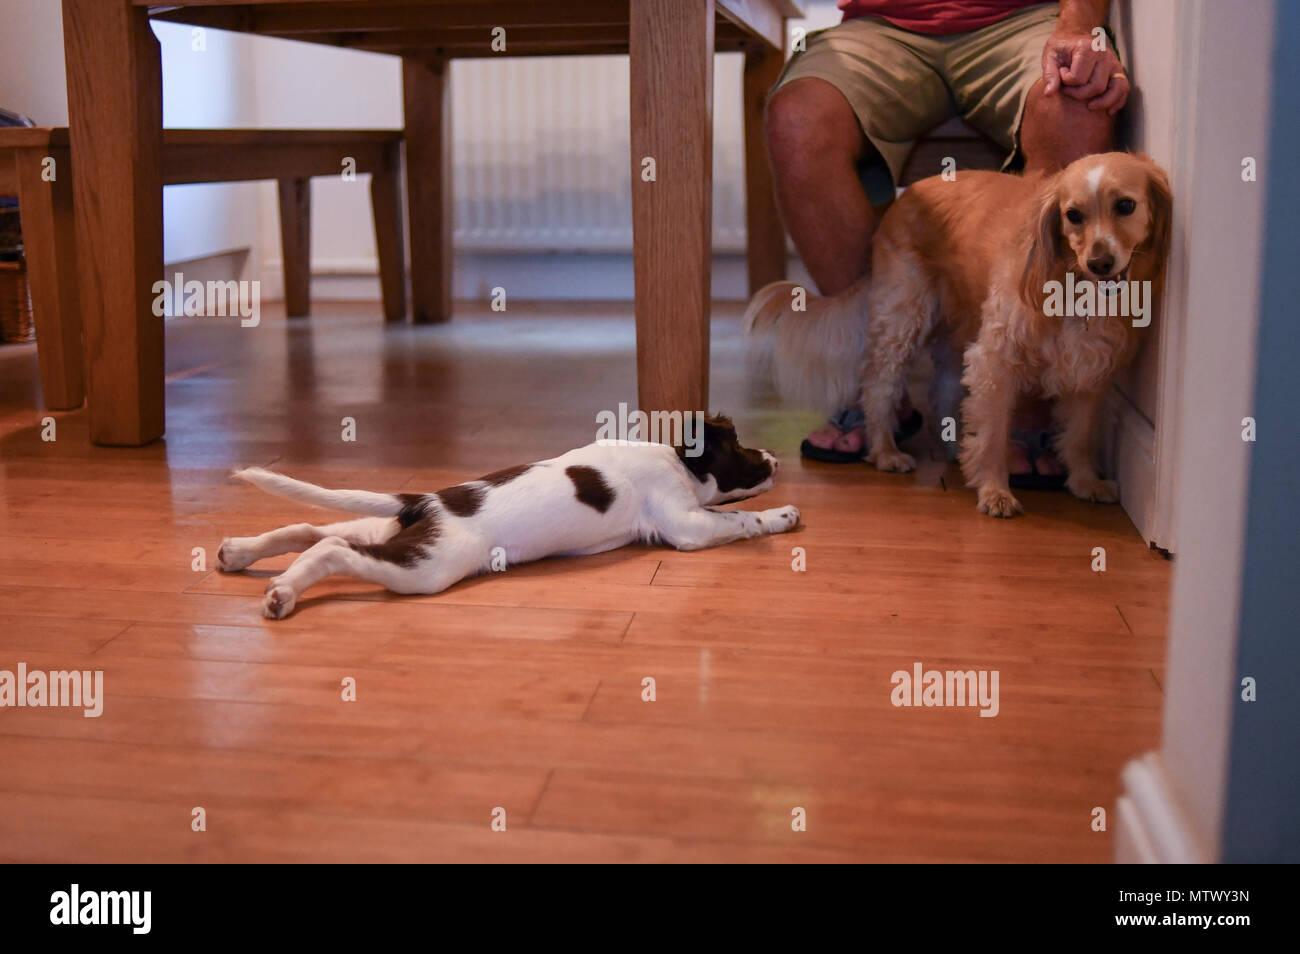 Una settimana 10 old English Springer spaniel cucciolo socialises con un cane adulto che è esitante con la riunione. Immagini Stock